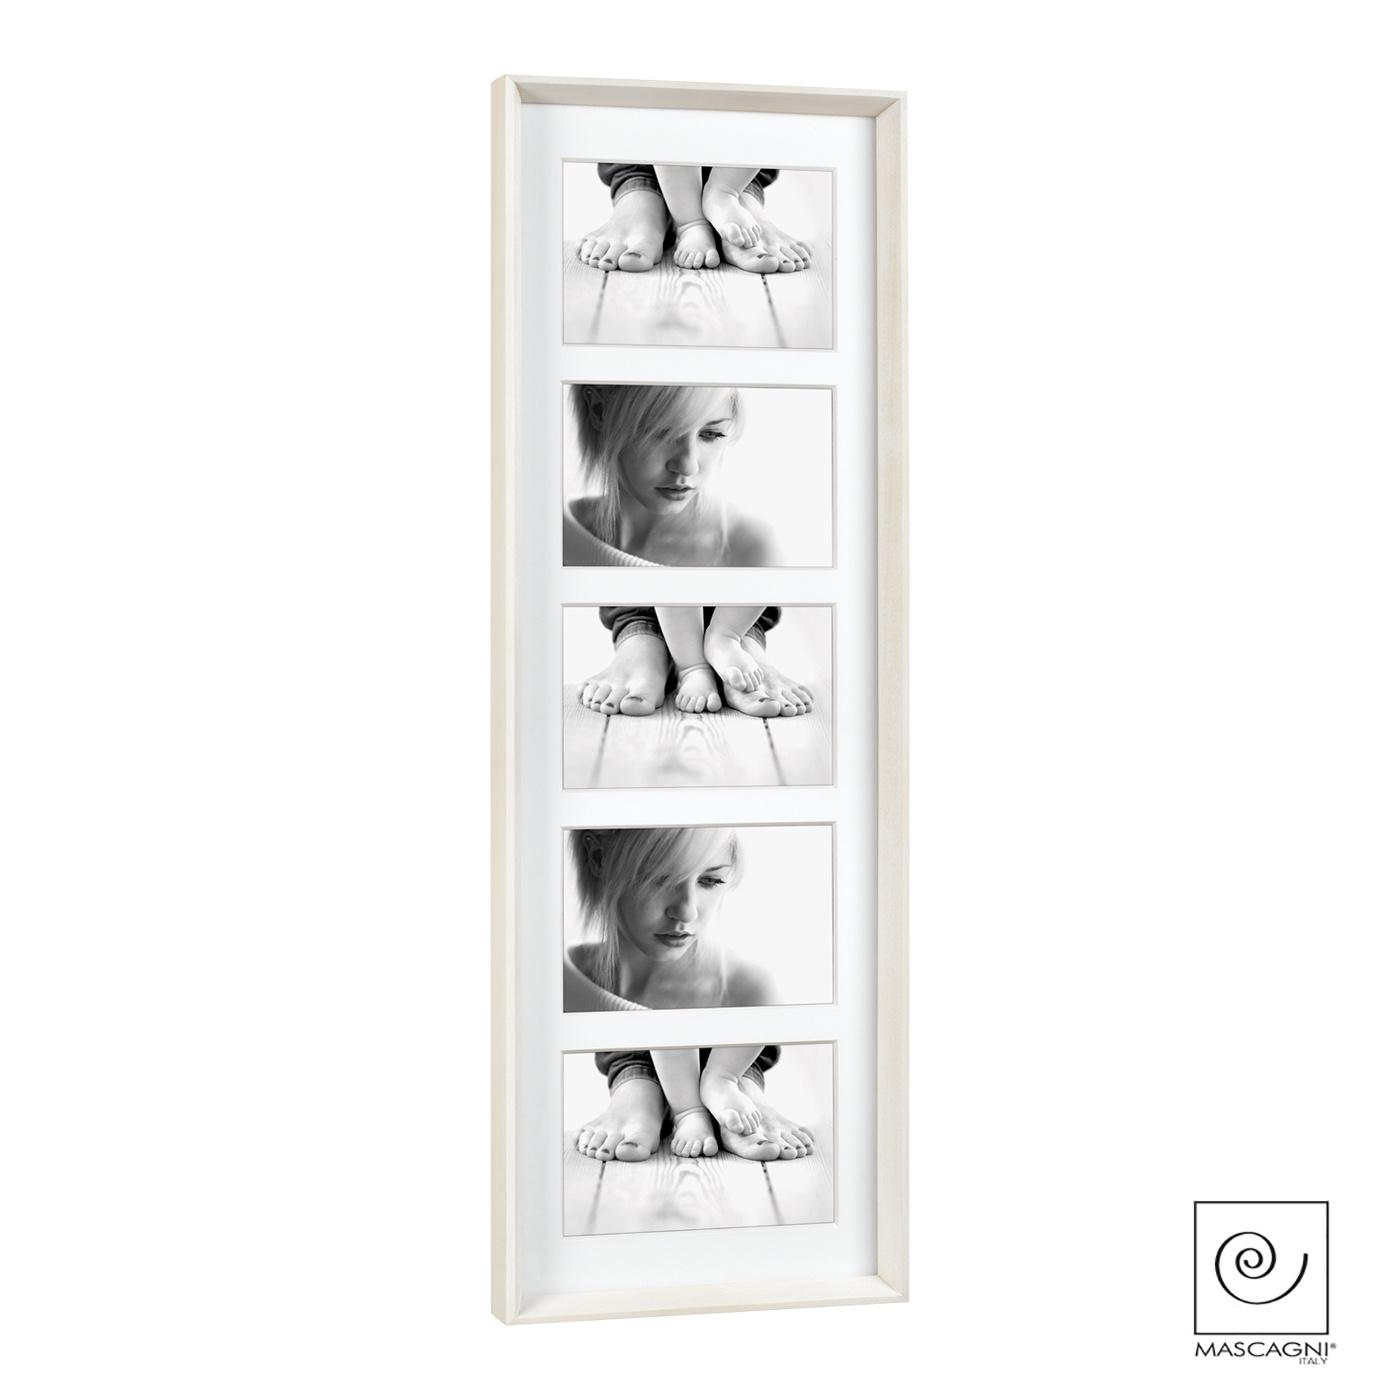 Art Mascagni A1070 MULTIPLE FRAME - COL.WHITE